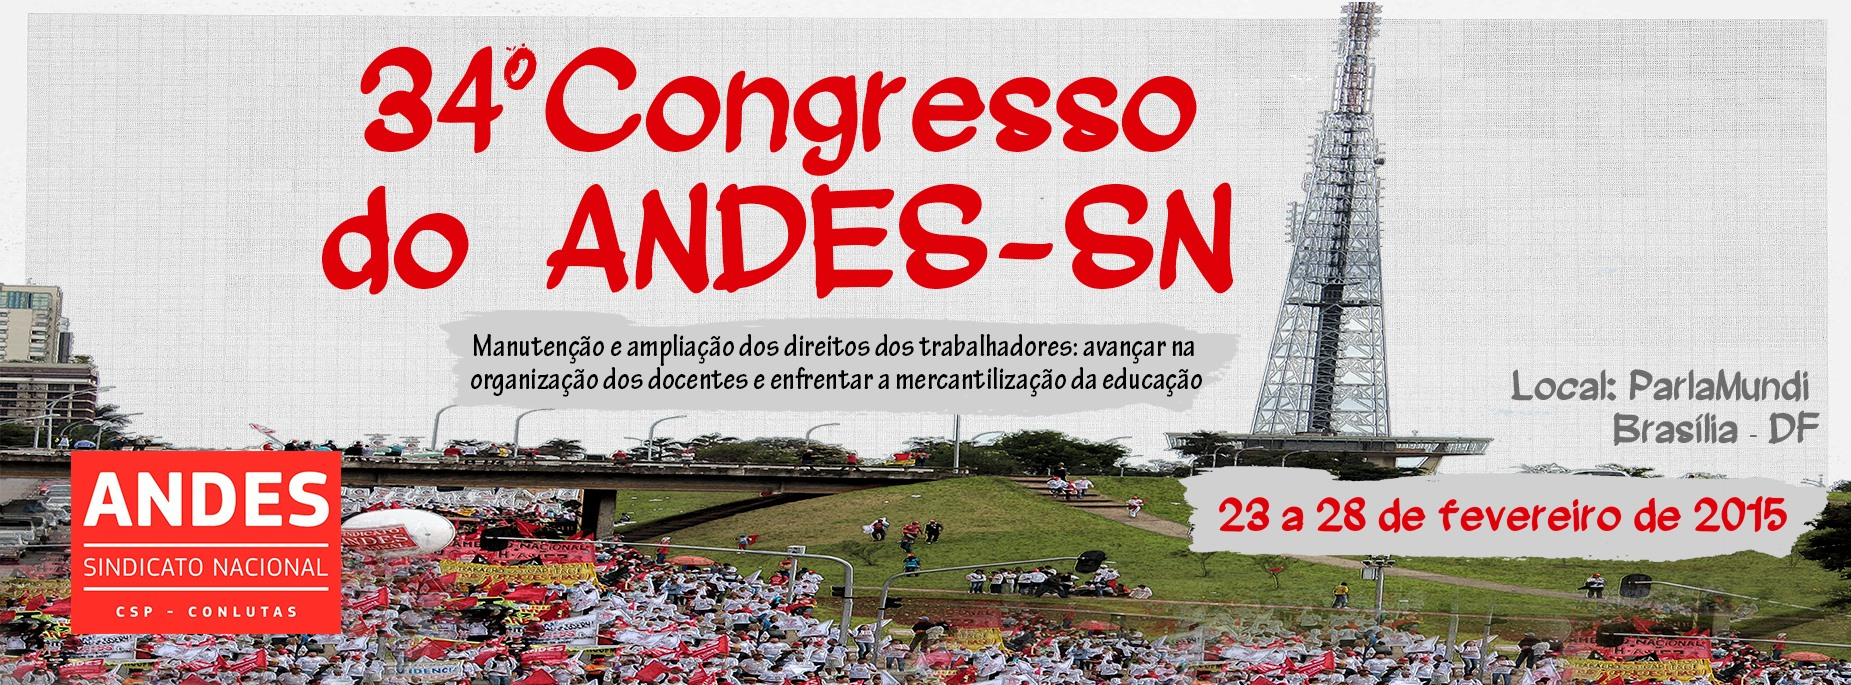 Docentes discutem Caderno de Textos e elegem delegados e observadores para o 34º Congresso do ANDES-SN